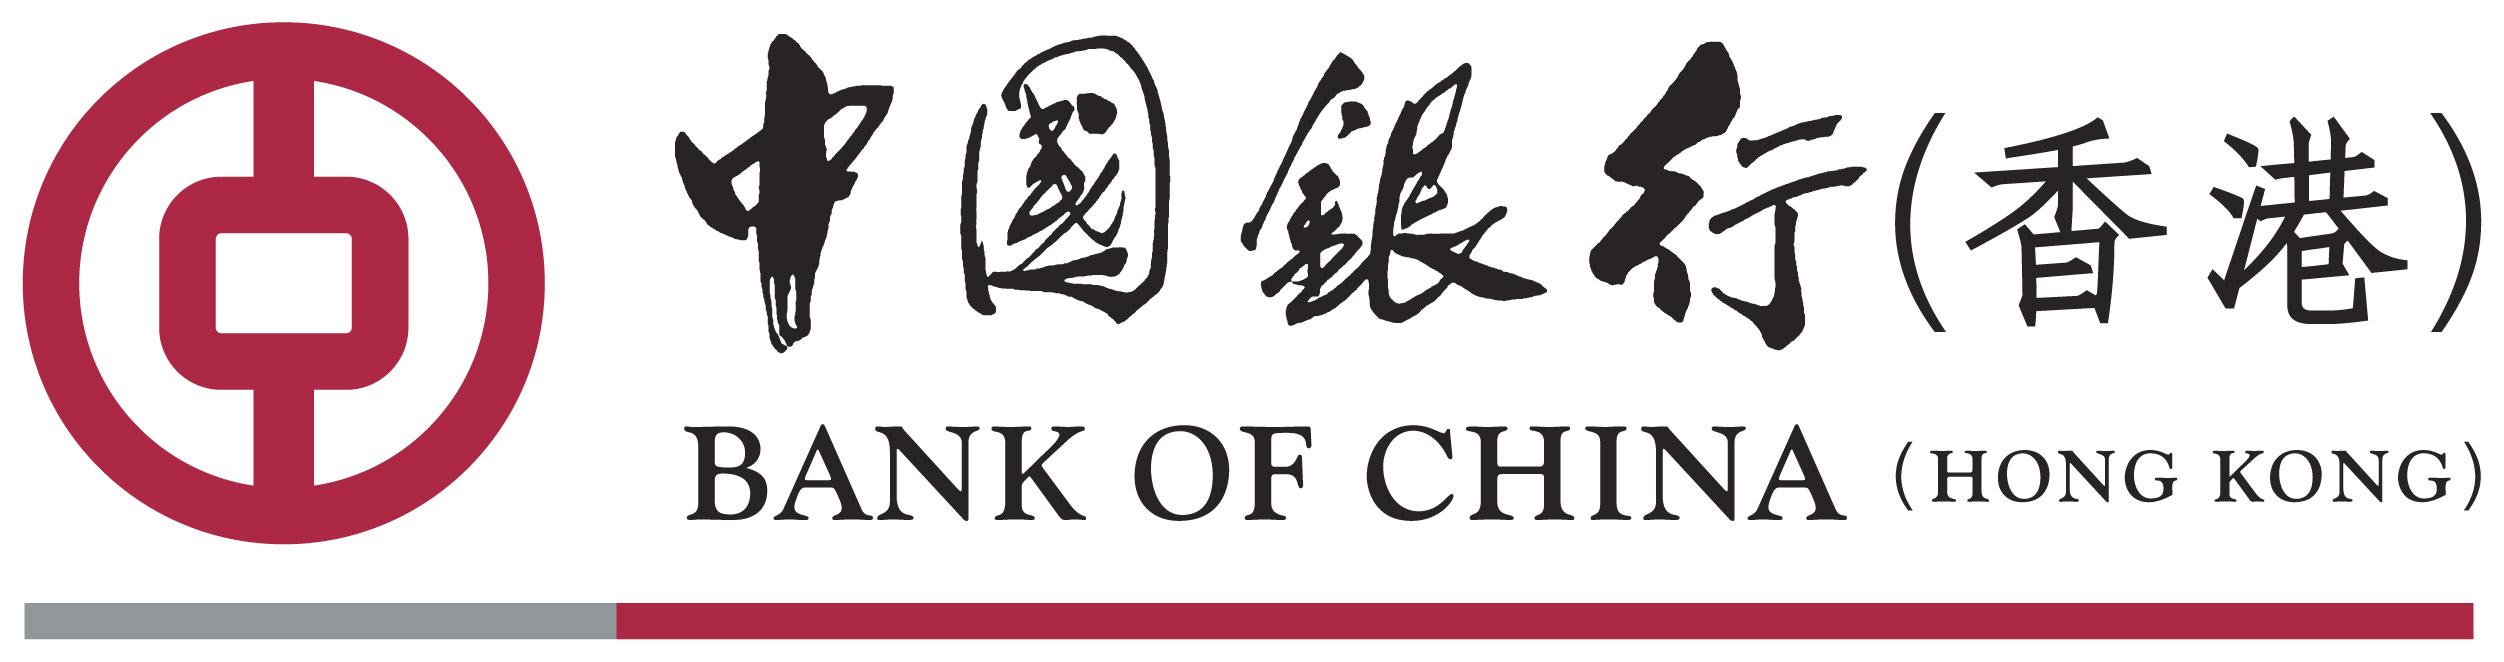 http://mynamekorea.com/themes/shishangqiyi/img/bank_boc.gif